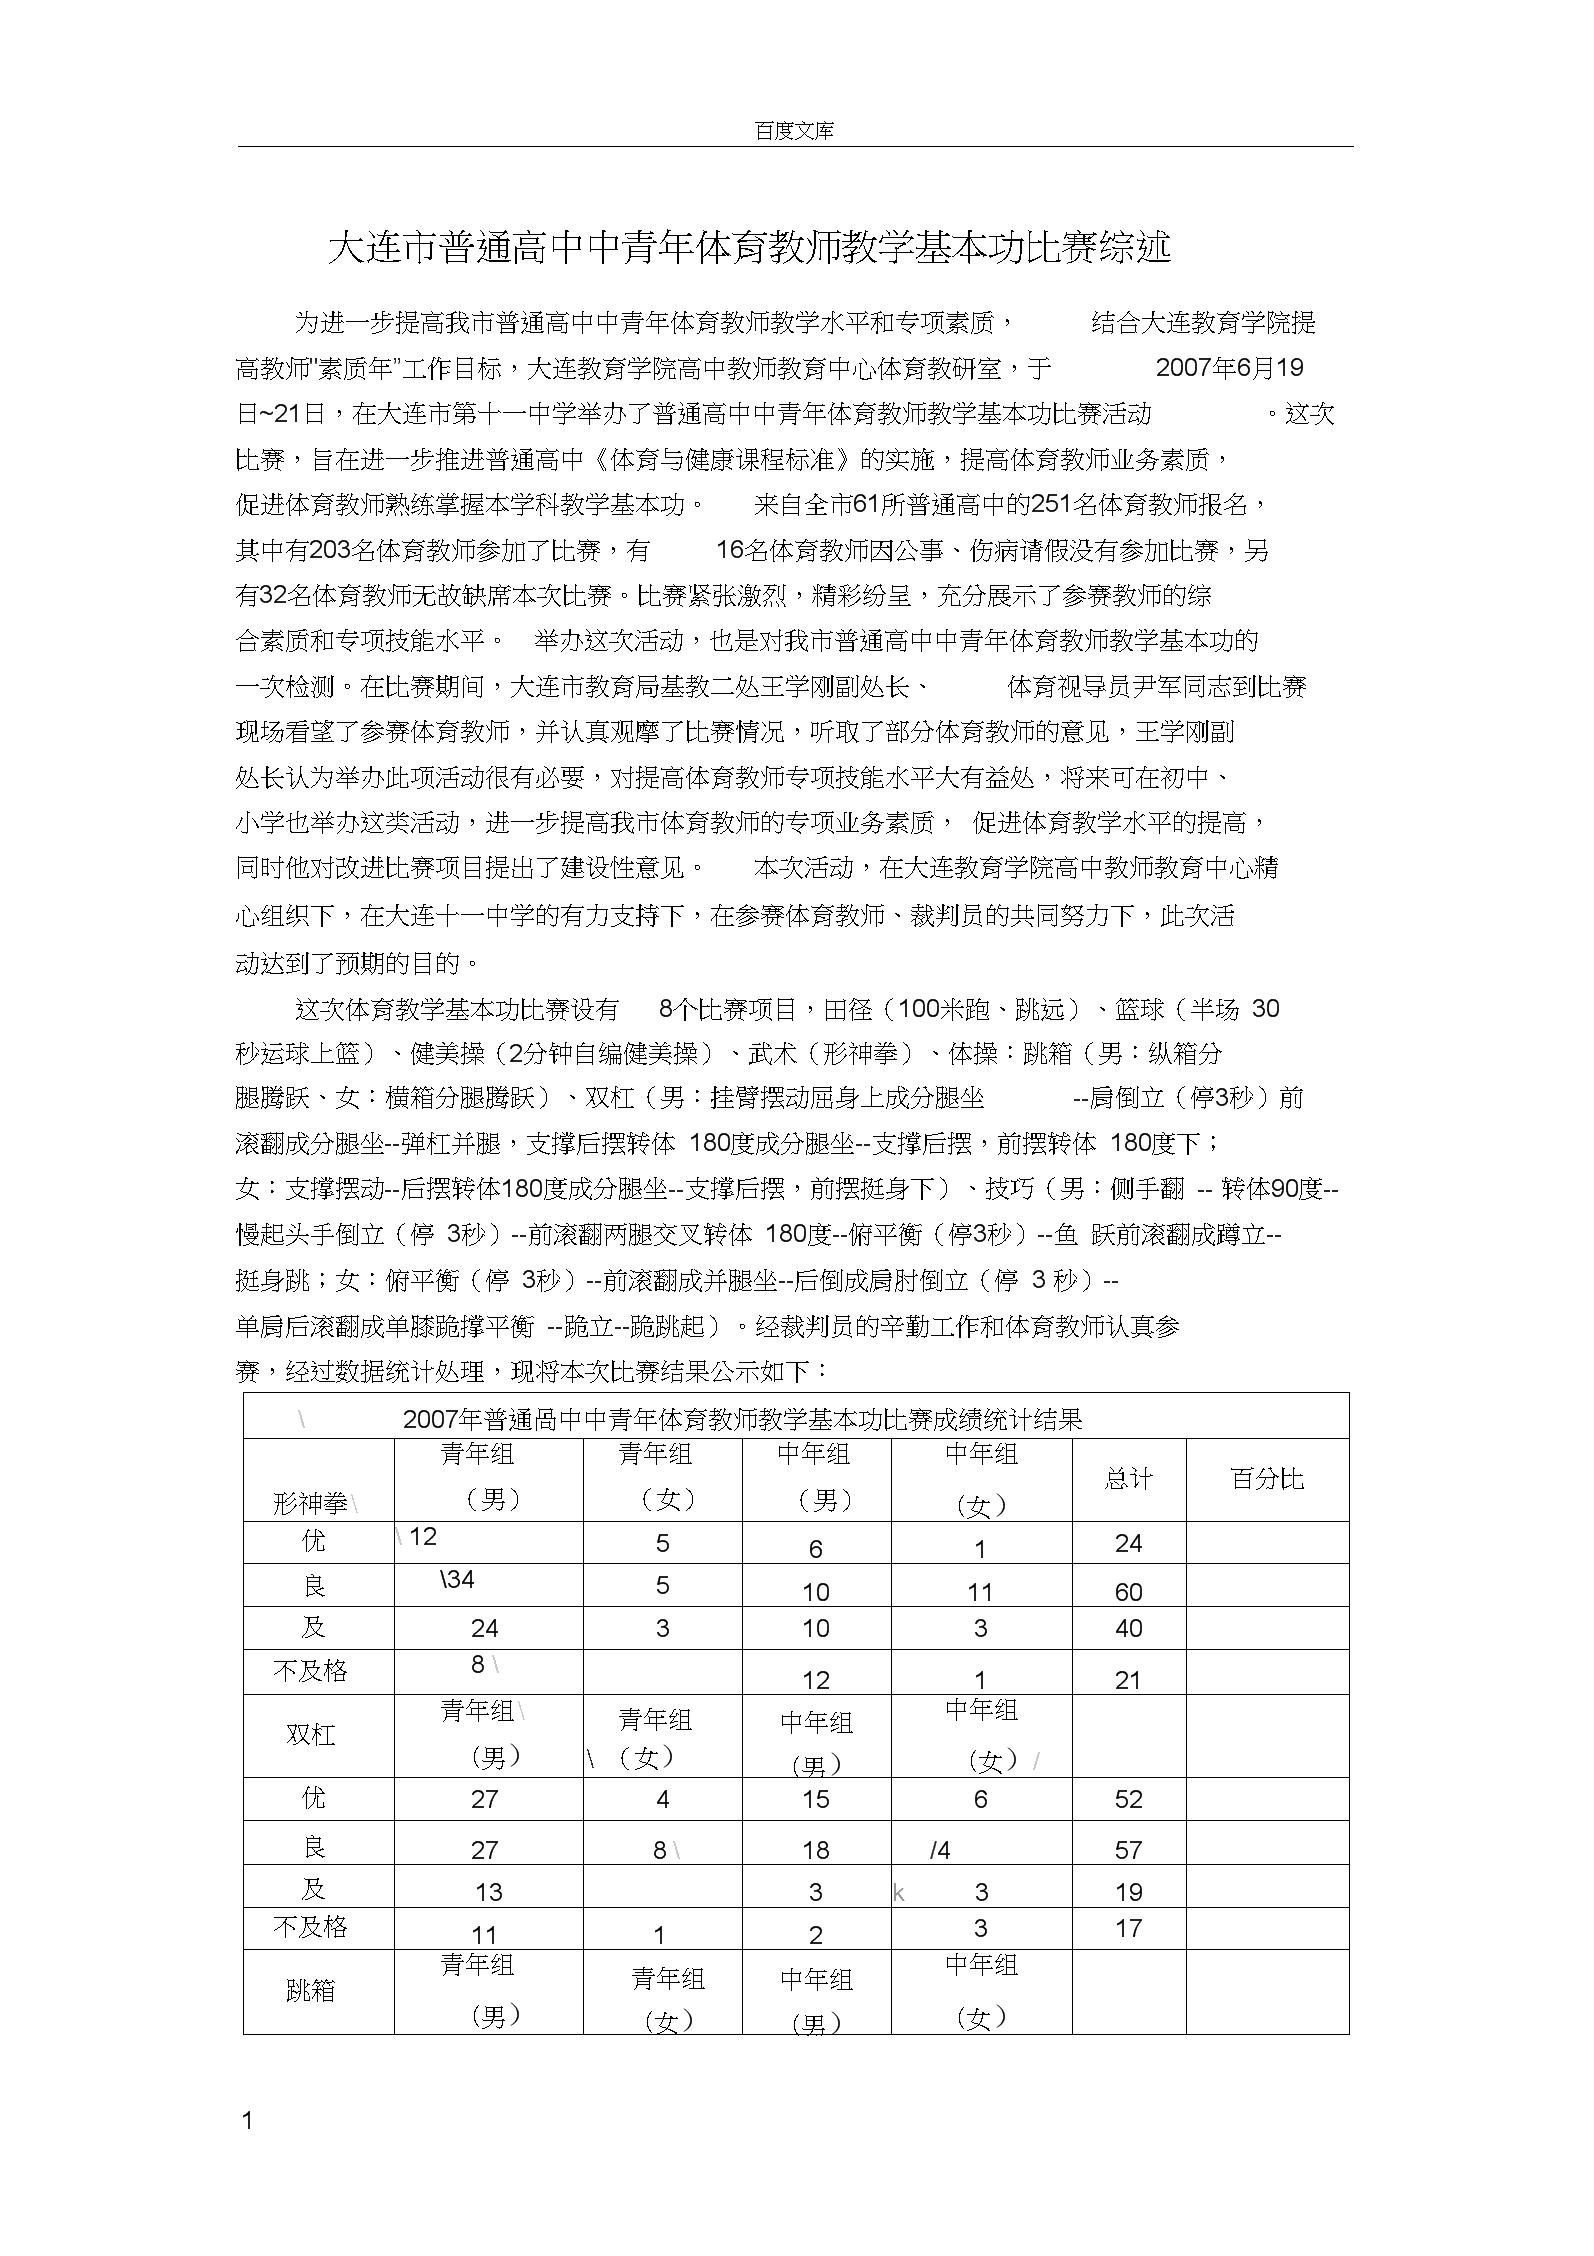 大连市普通高中中青年体育教师教学基本功比赛综述.docx